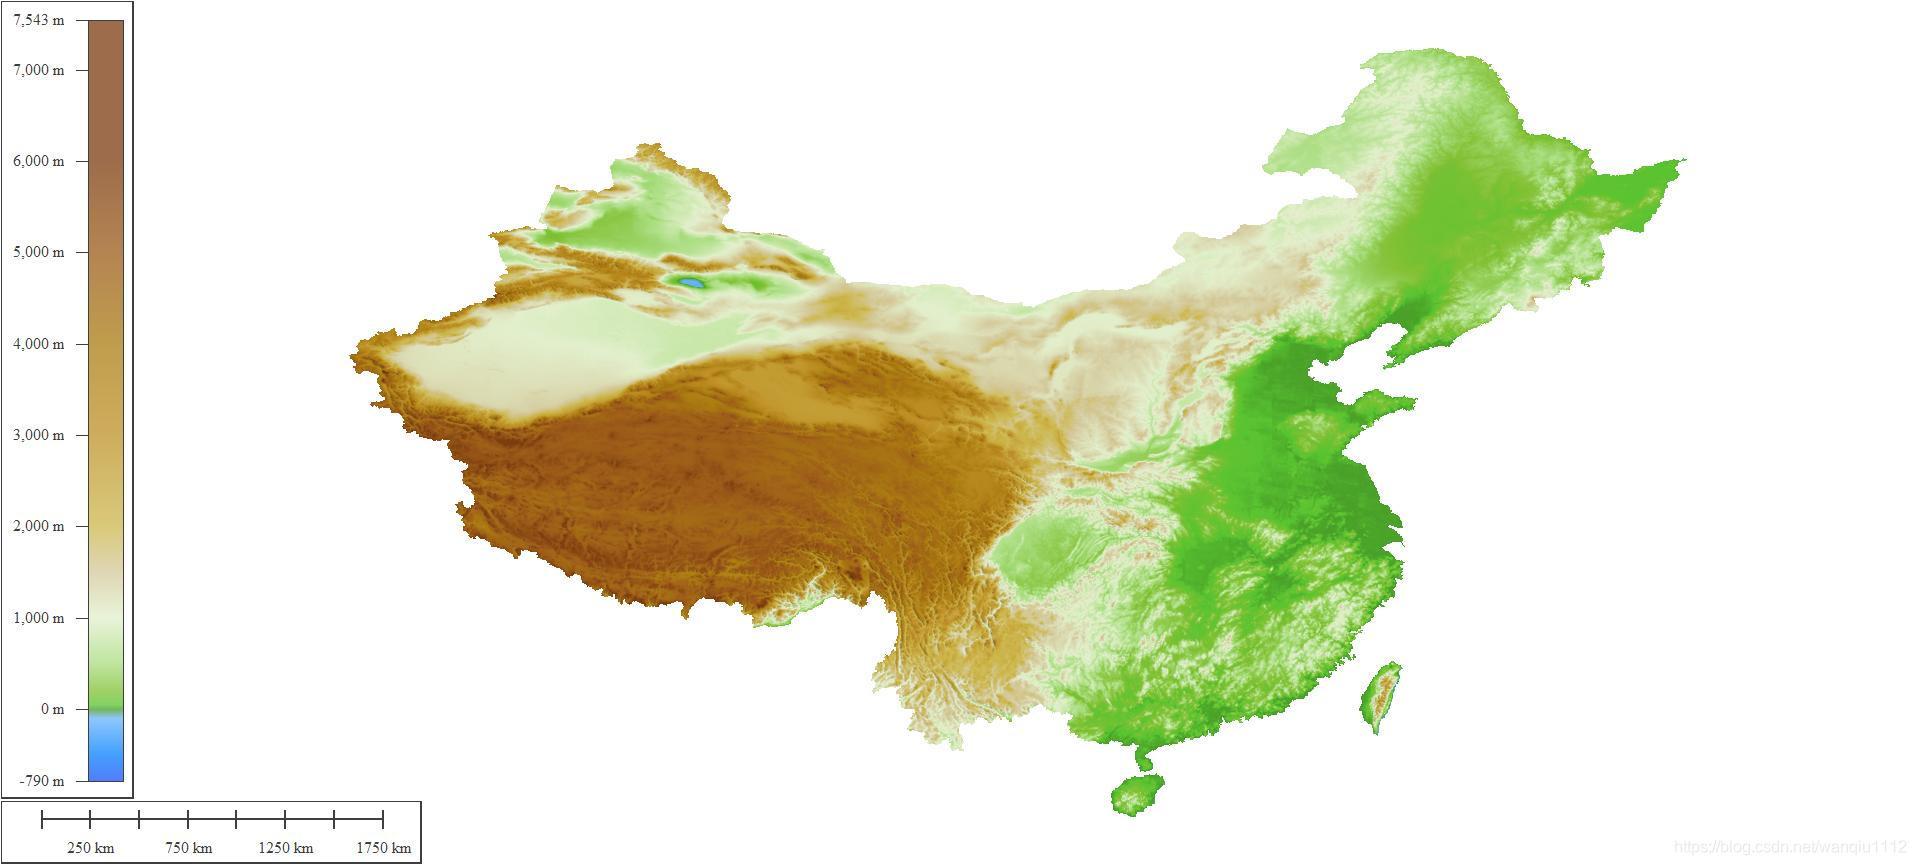 经过裁剪后的中国地形图